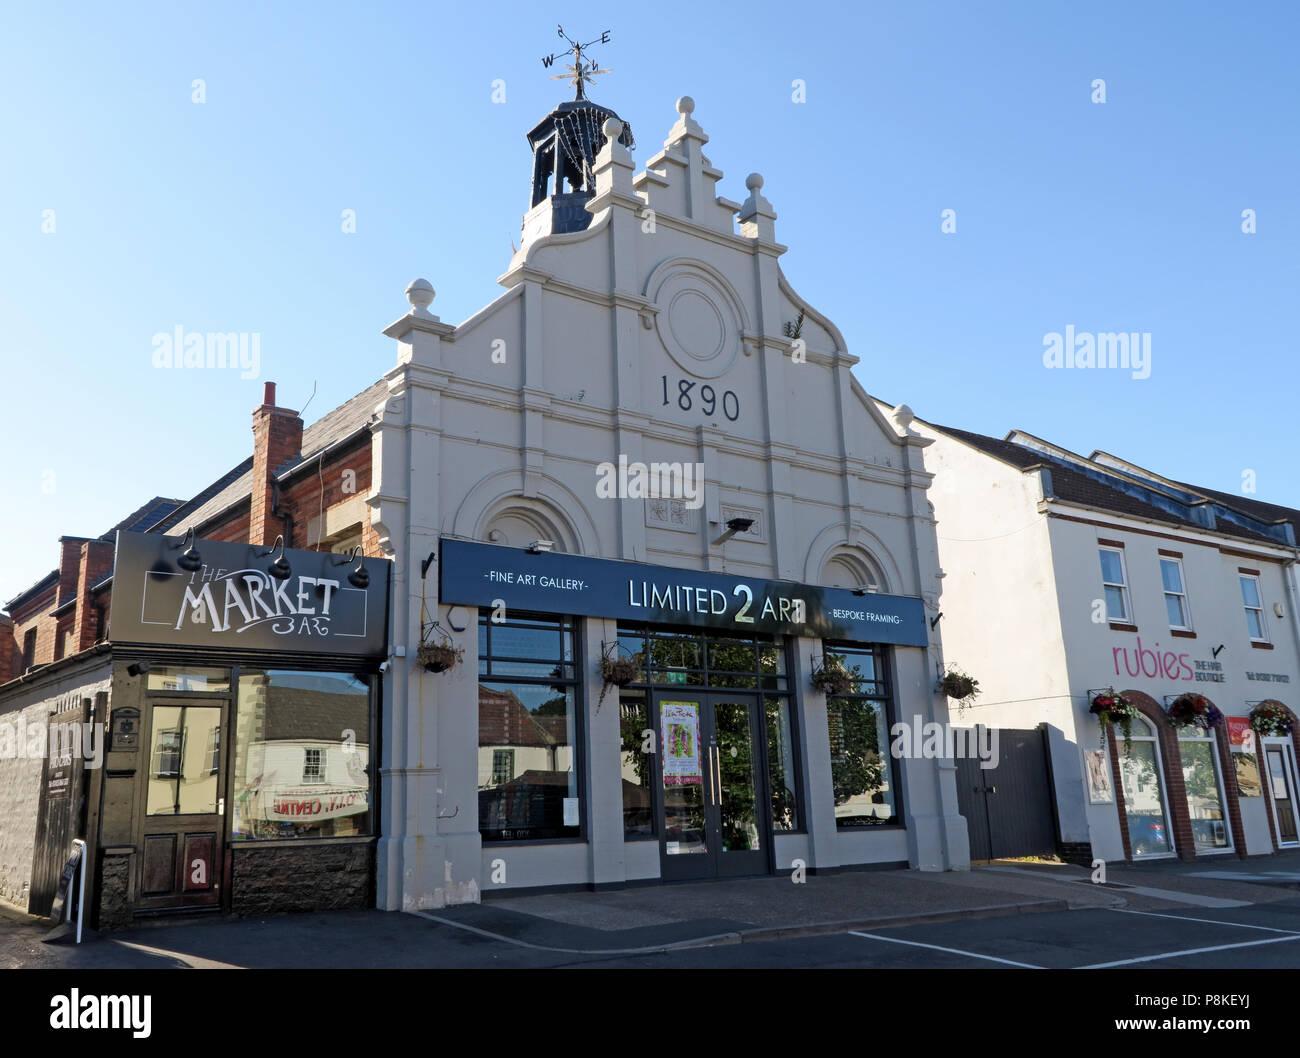 Dieses Stockfoto: Ehemaliges Rathaus, Lerwick, mit verzierten Stufengiebel, führen plattiert Kuppel von einer Wetterfahne gekrönt, Doncaster, South Yorkshire, England, UK, DN 10 - P8KEYJ